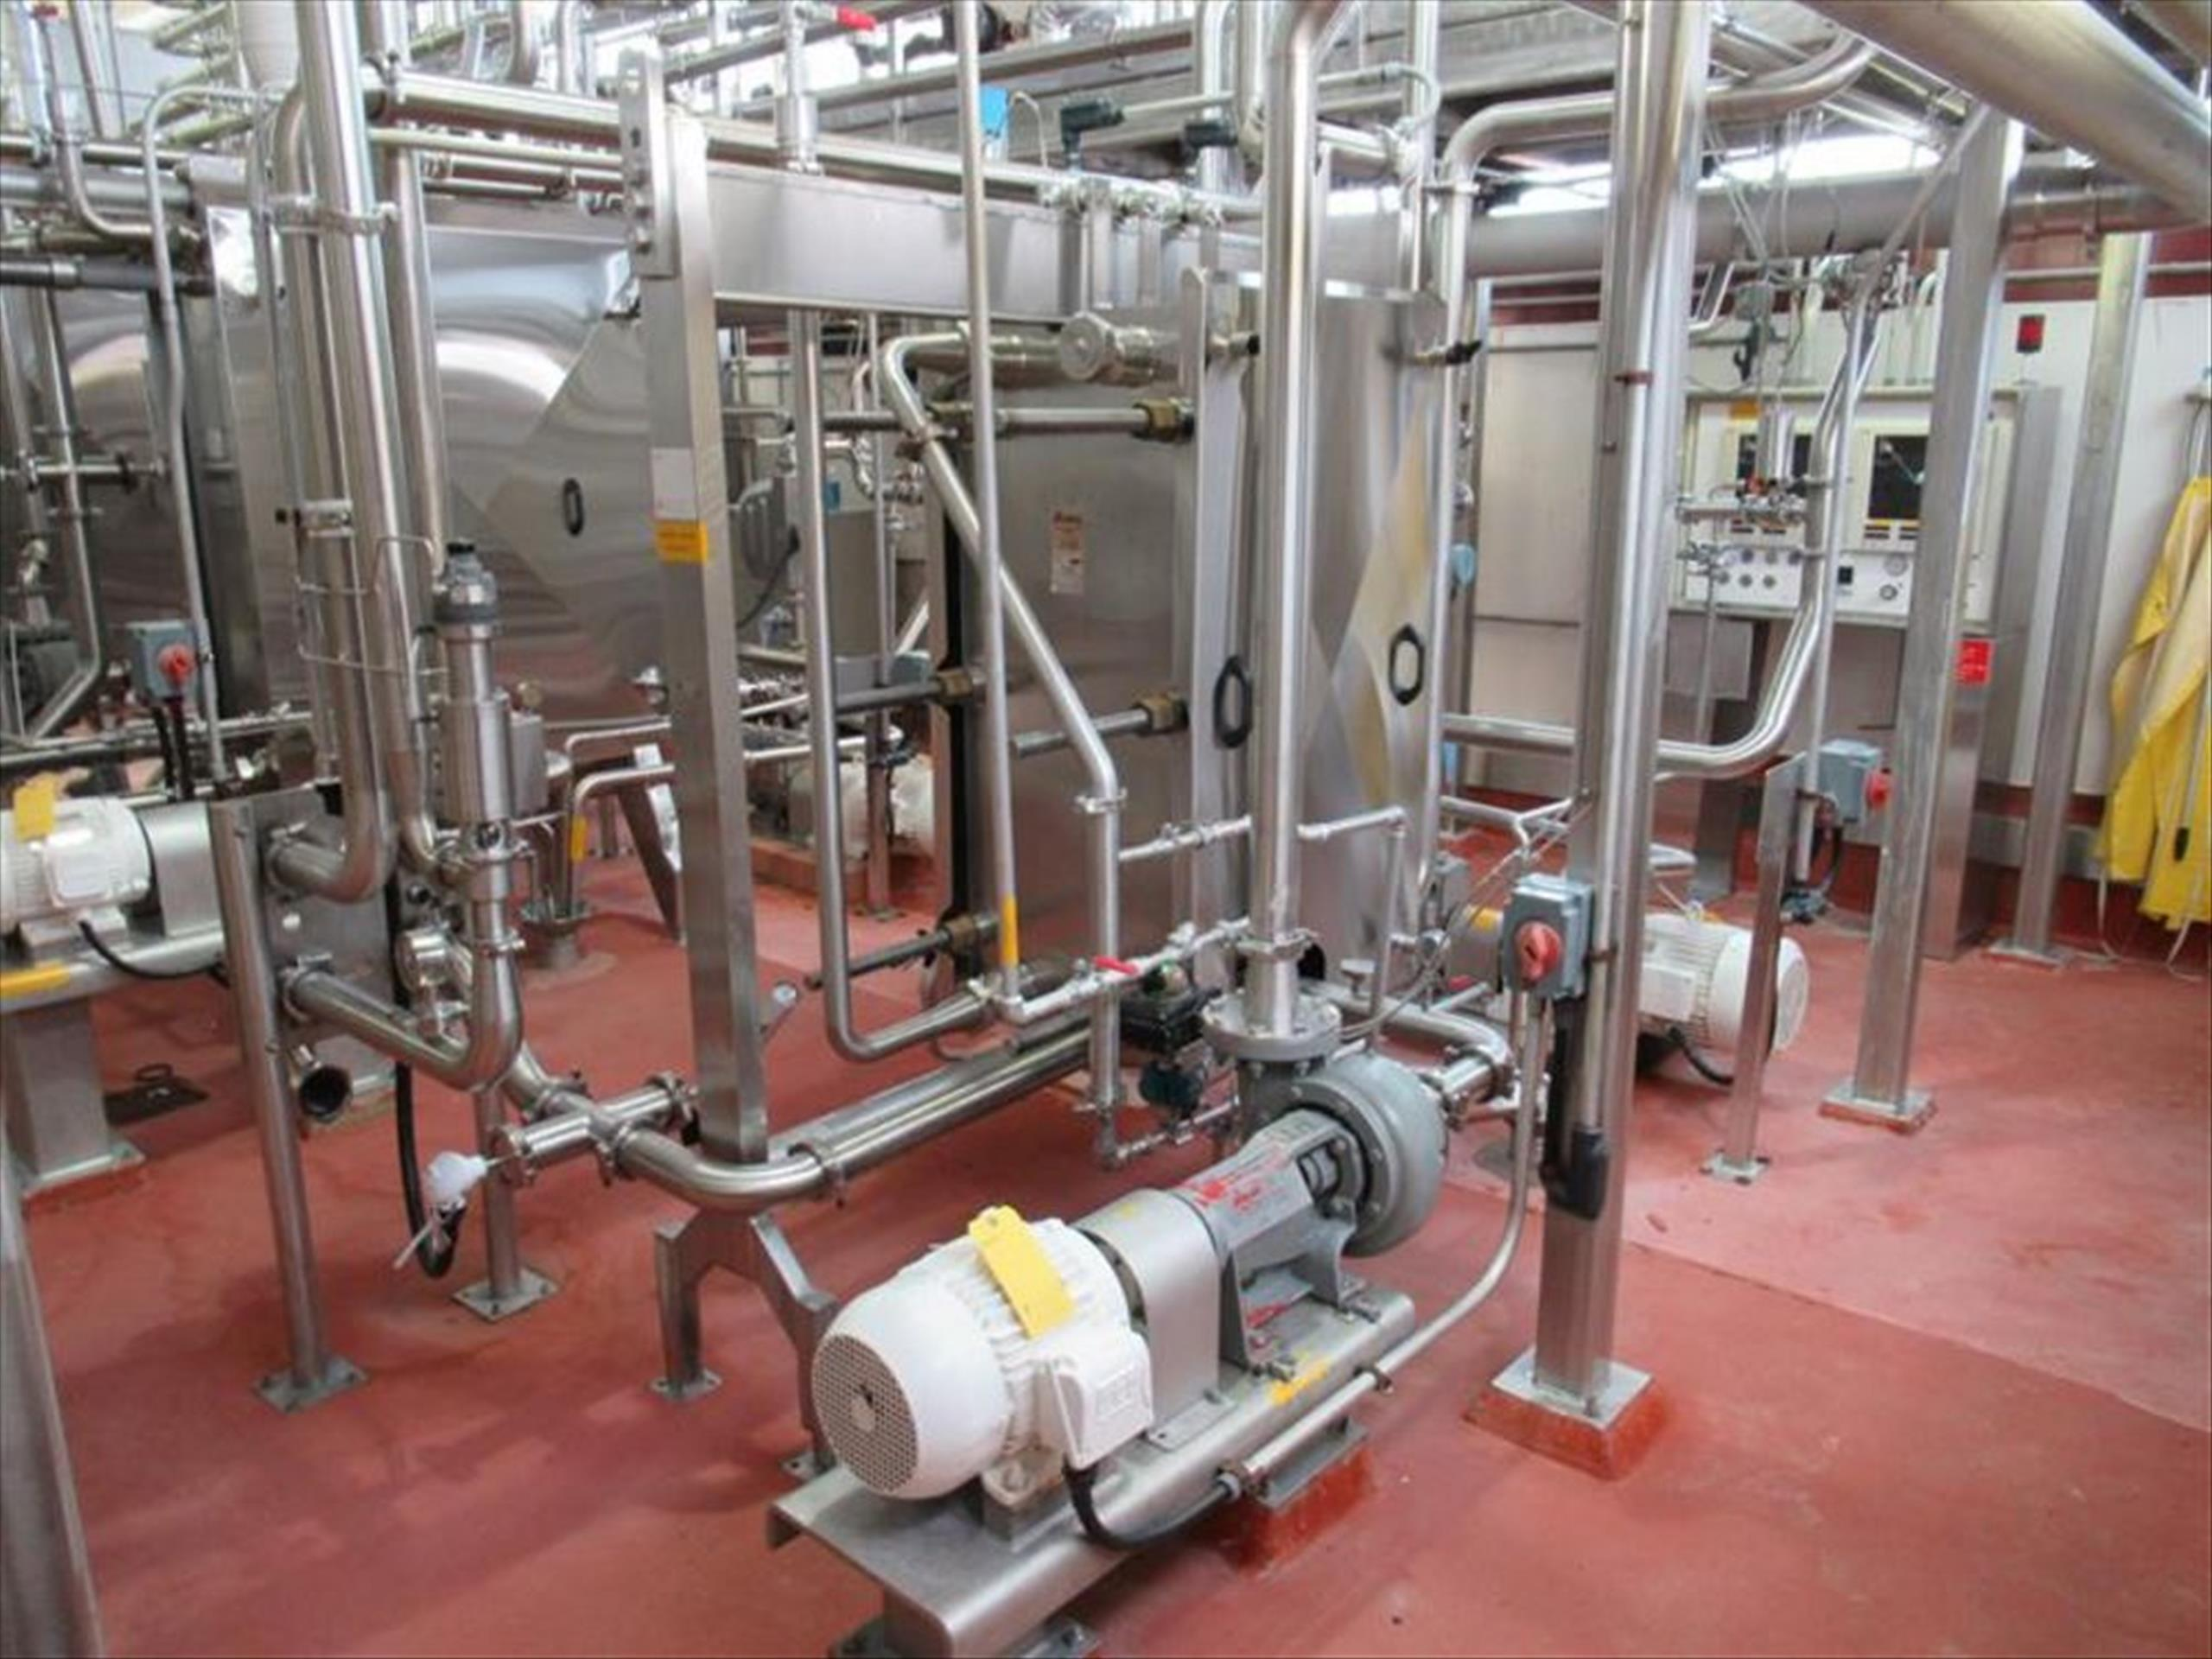 Vertiflo centrifugal pump mod. no. 1420 ser. no. 16-21447-4-1 7.5hp / 1755rpm horizontal end